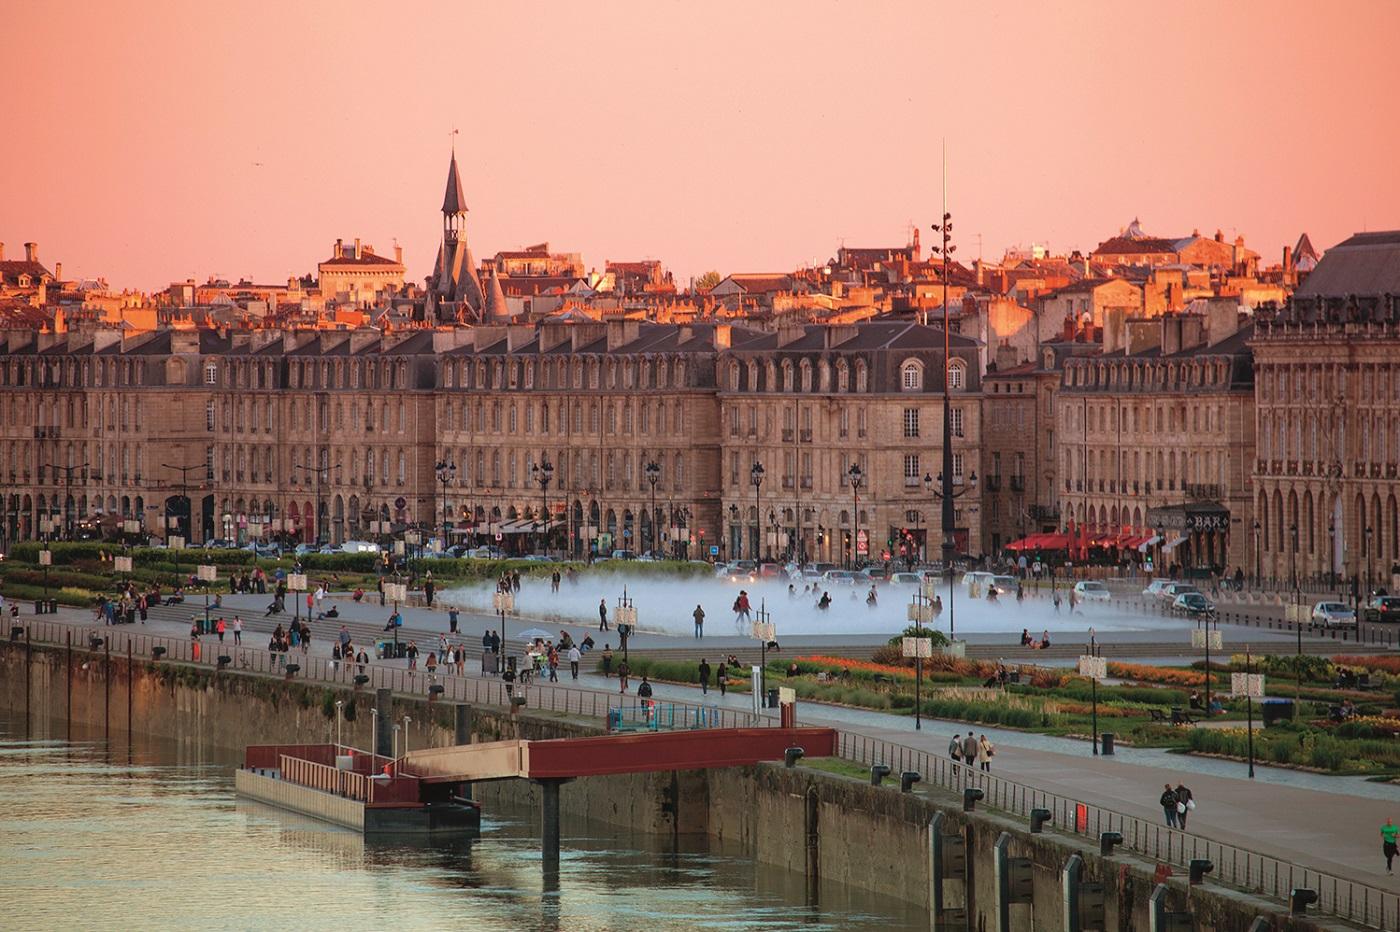 Miroir d'Eau water mirror fountain at Place de la Bourse and city buildings at sunset, Bordeaux, Gironde, Aquitane, France.